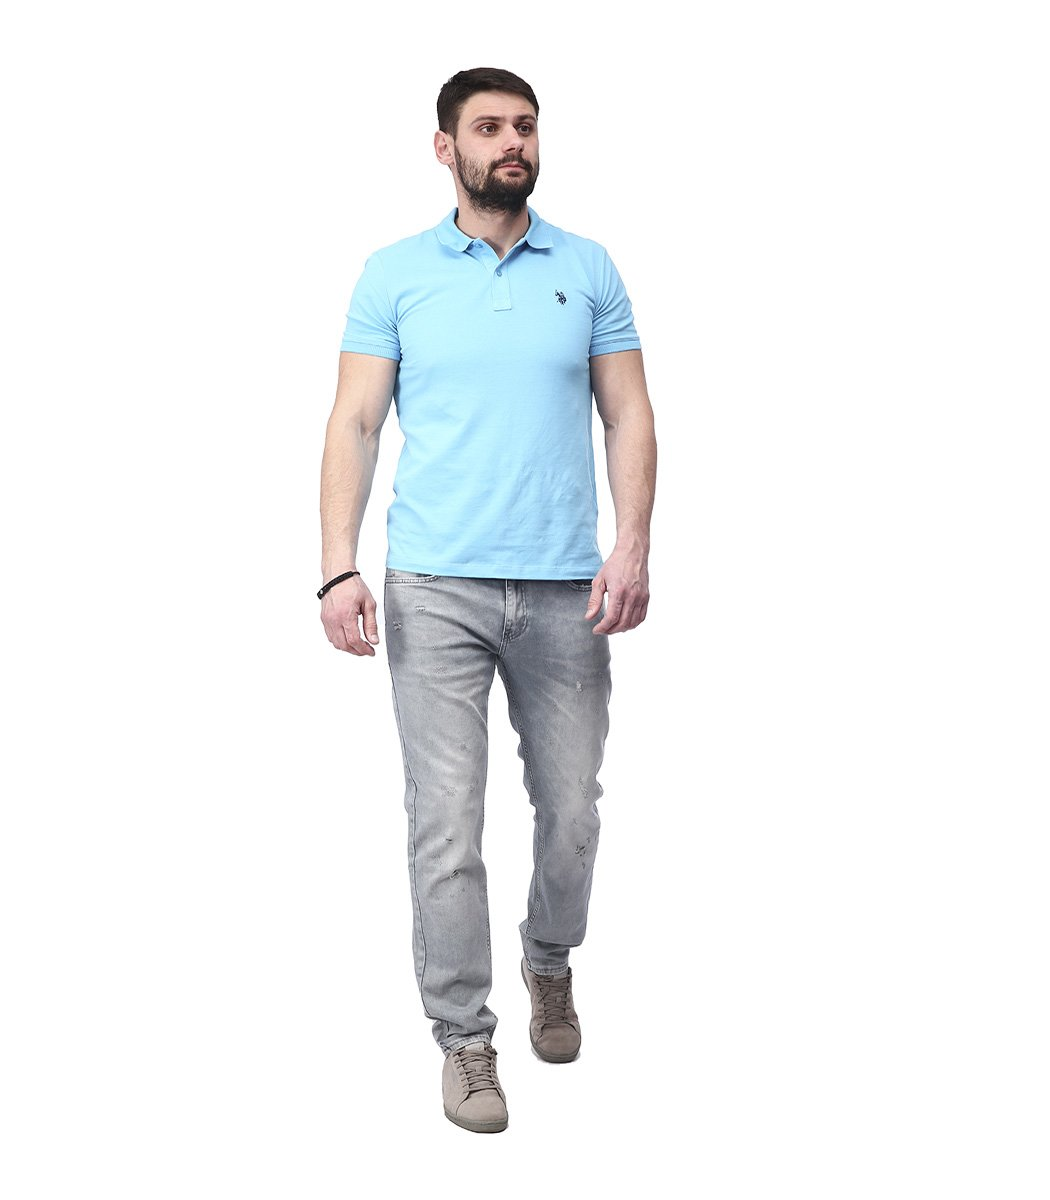 Серые джинсы Emporio Armani гранж 3145 - Серый - Вид 4